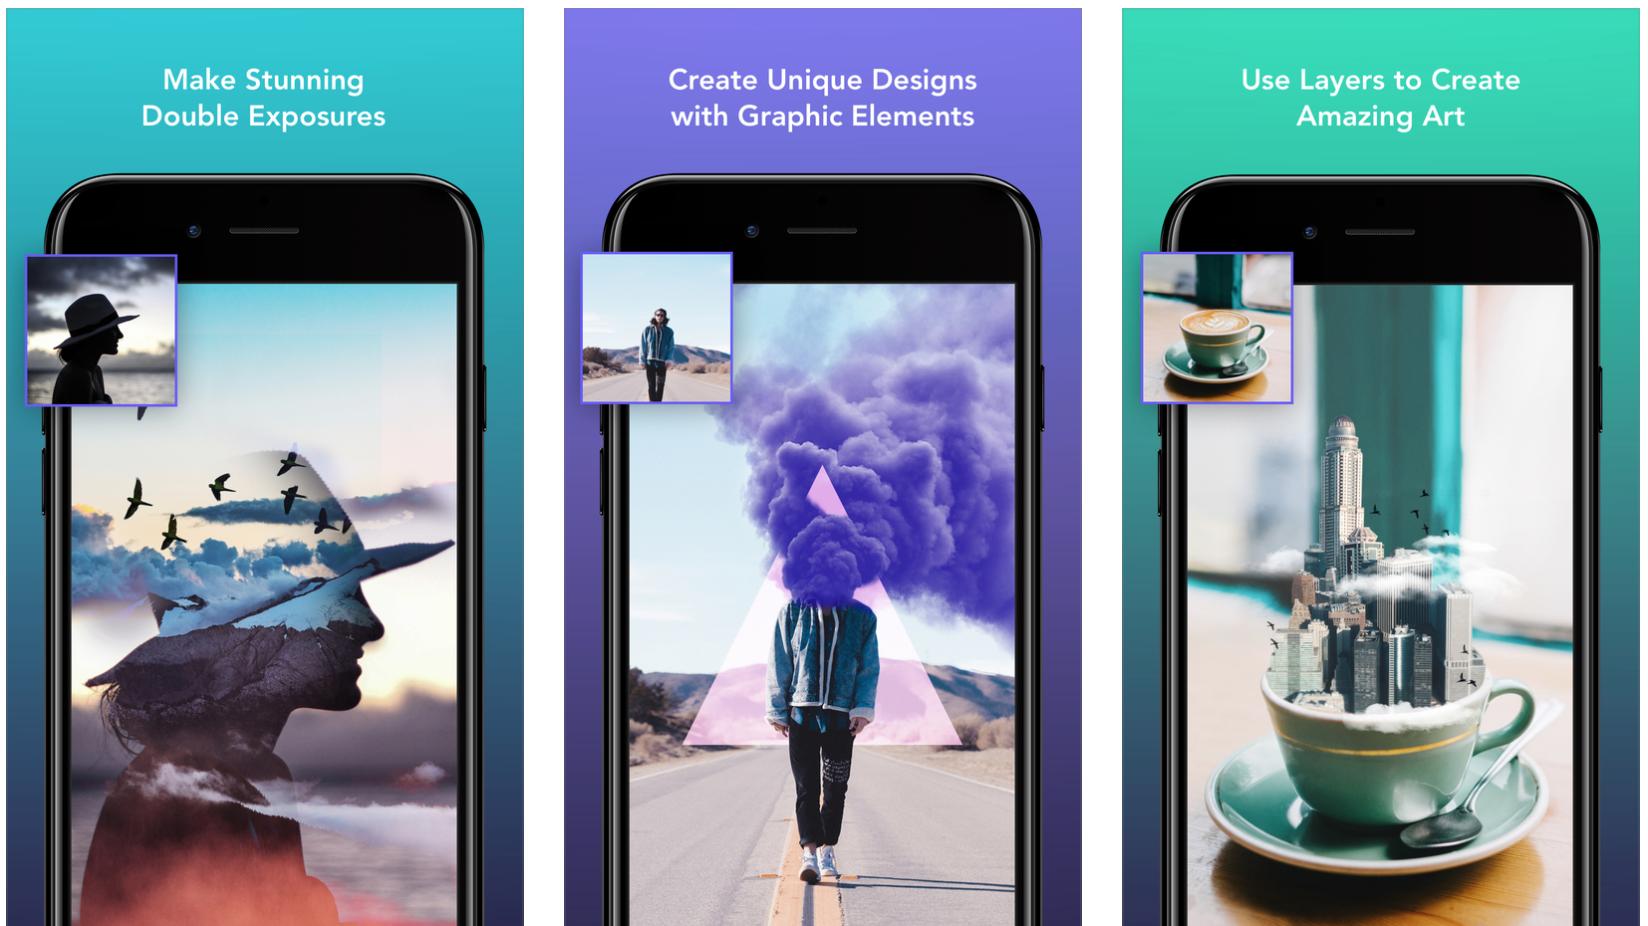 Download Gratis Aplikasi Baru Enlight 2 di iPhone